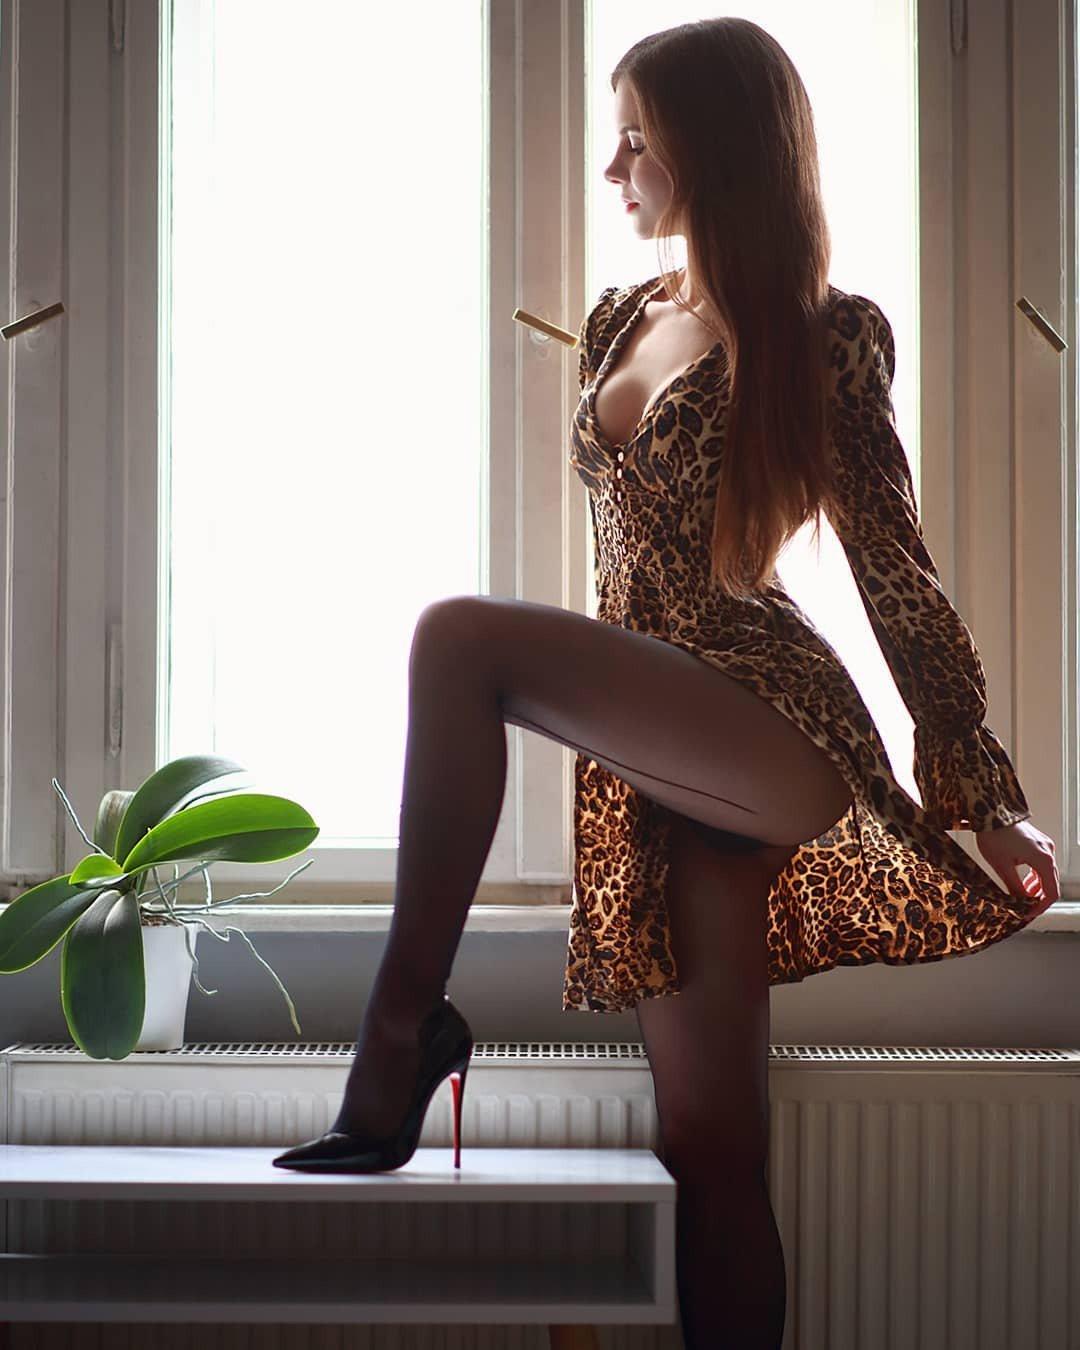 Шикарные девушки в черных колготках: им тепло, нам - приятно ;) 14